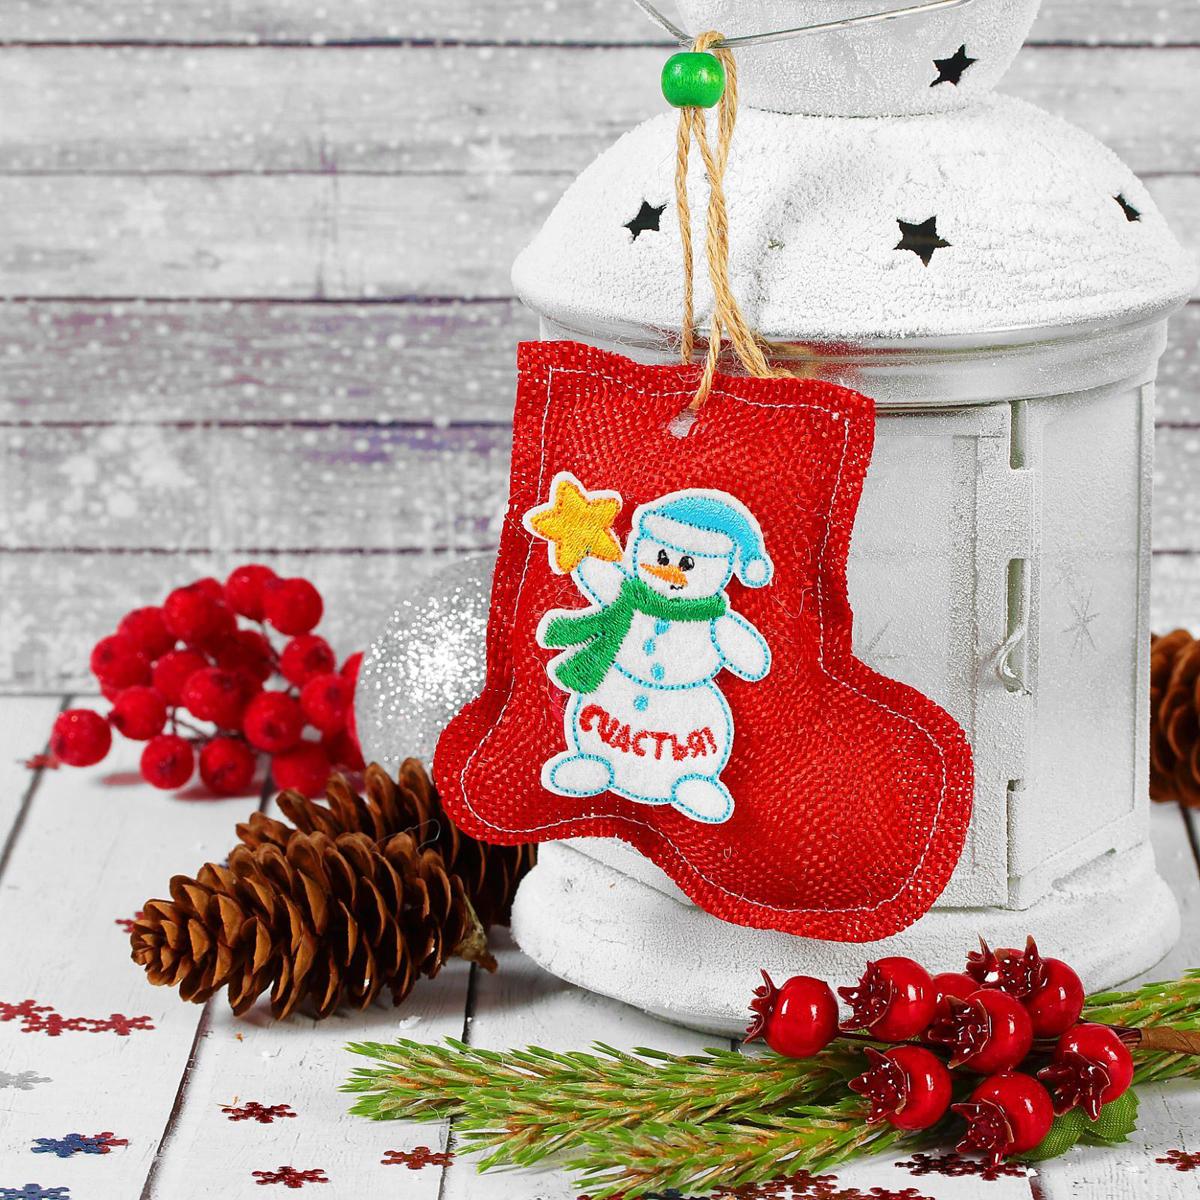 Новогоднее подвесное украшение Страна Карнавалия Счастья. Снеговик2293115Новогоднее подвесное украшение Страна Карнавалия, выполненное из текстиля, украситинтерьер вашего дома или офиса в преддверии Нового года. Оригинальный дизайн и красочноеисполнение создадут праздничное настроение.Новогодние украшения всегда несут в себе волшебство и красоту праздника. Создайте в своемдоме атмосферу тепла, веселья и радости, украшая его всей семьей.